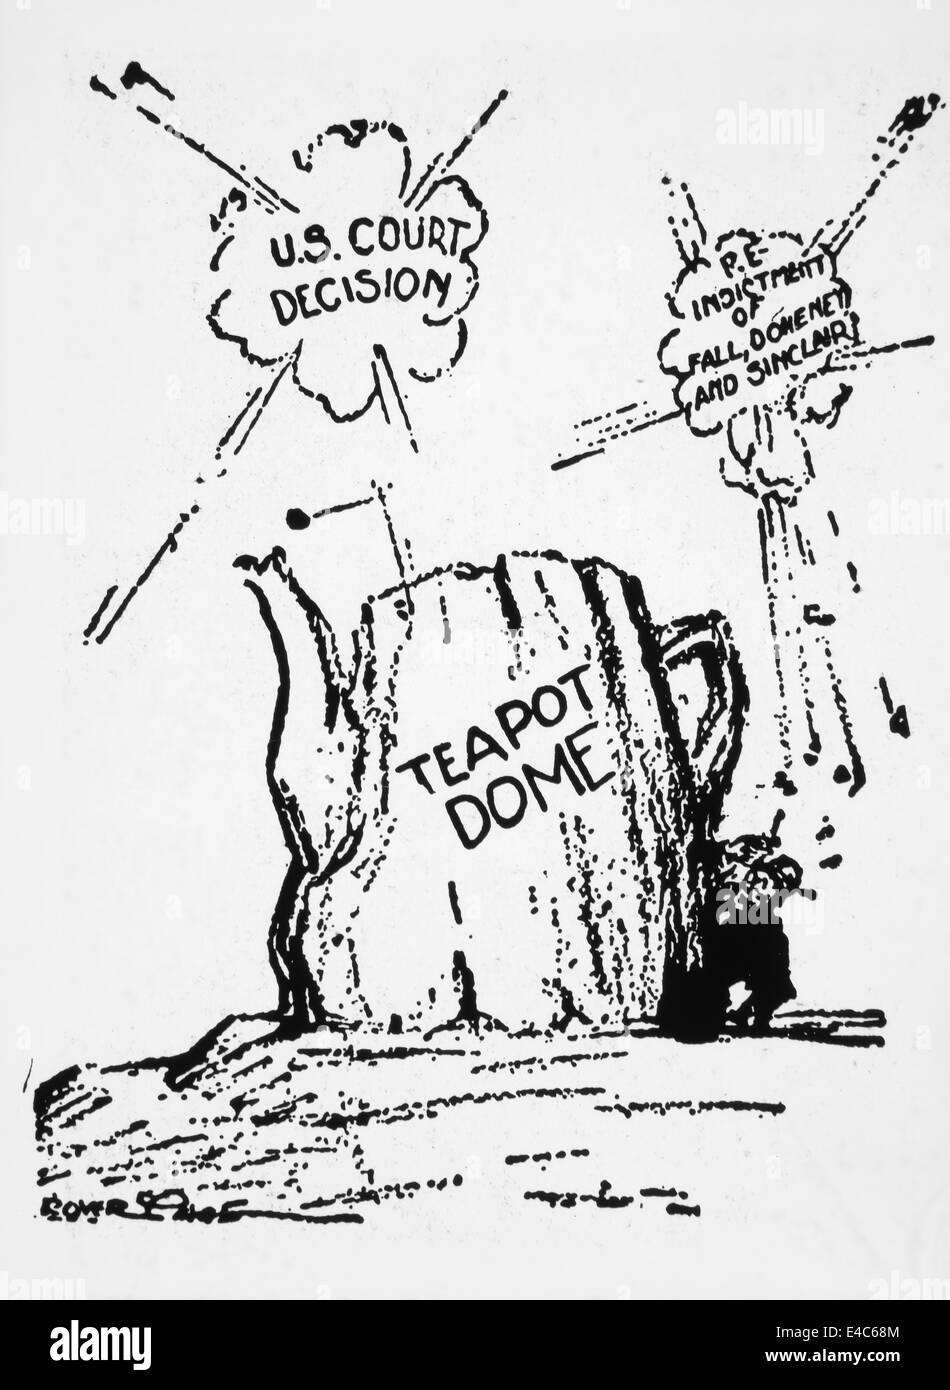 Scandale de dôme de théière, Caricature politique, 1920 Photo Stock